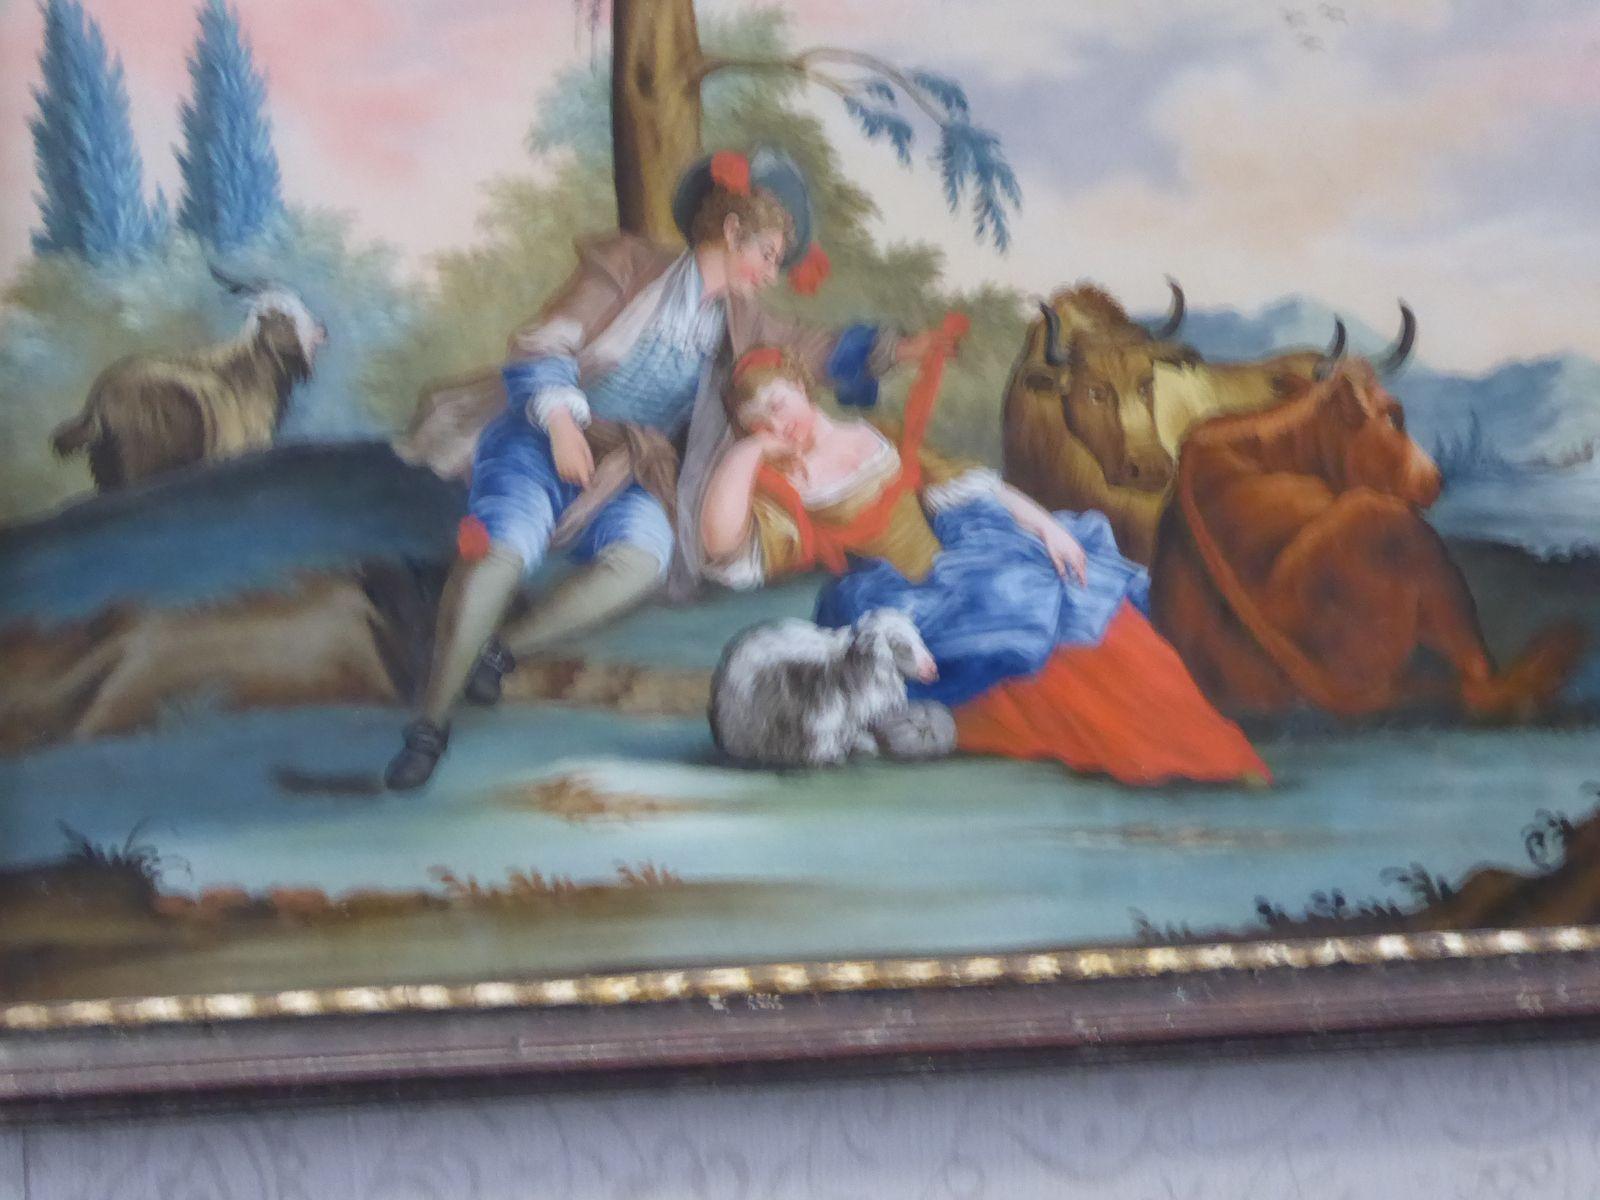 musée du vitrail Romont suisse